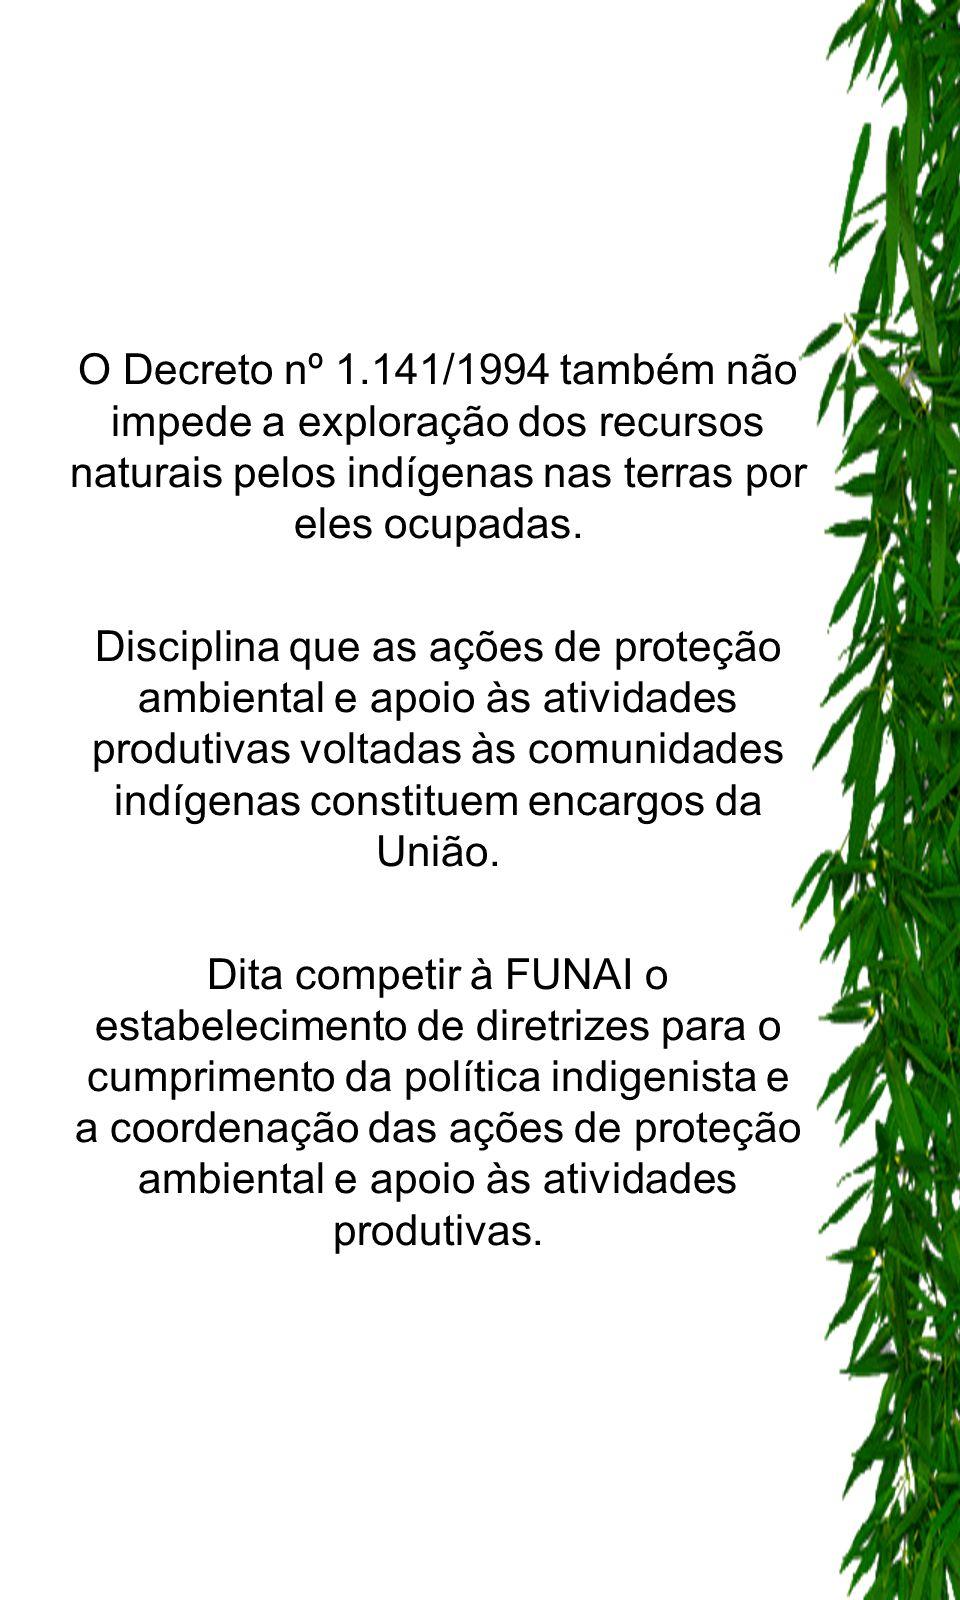 O Decreto nº 1.141/1994 também não impede a exploração dos recursos naturais pelos indígenas nas terras por eles ocupadas. Disciplina que as ações de